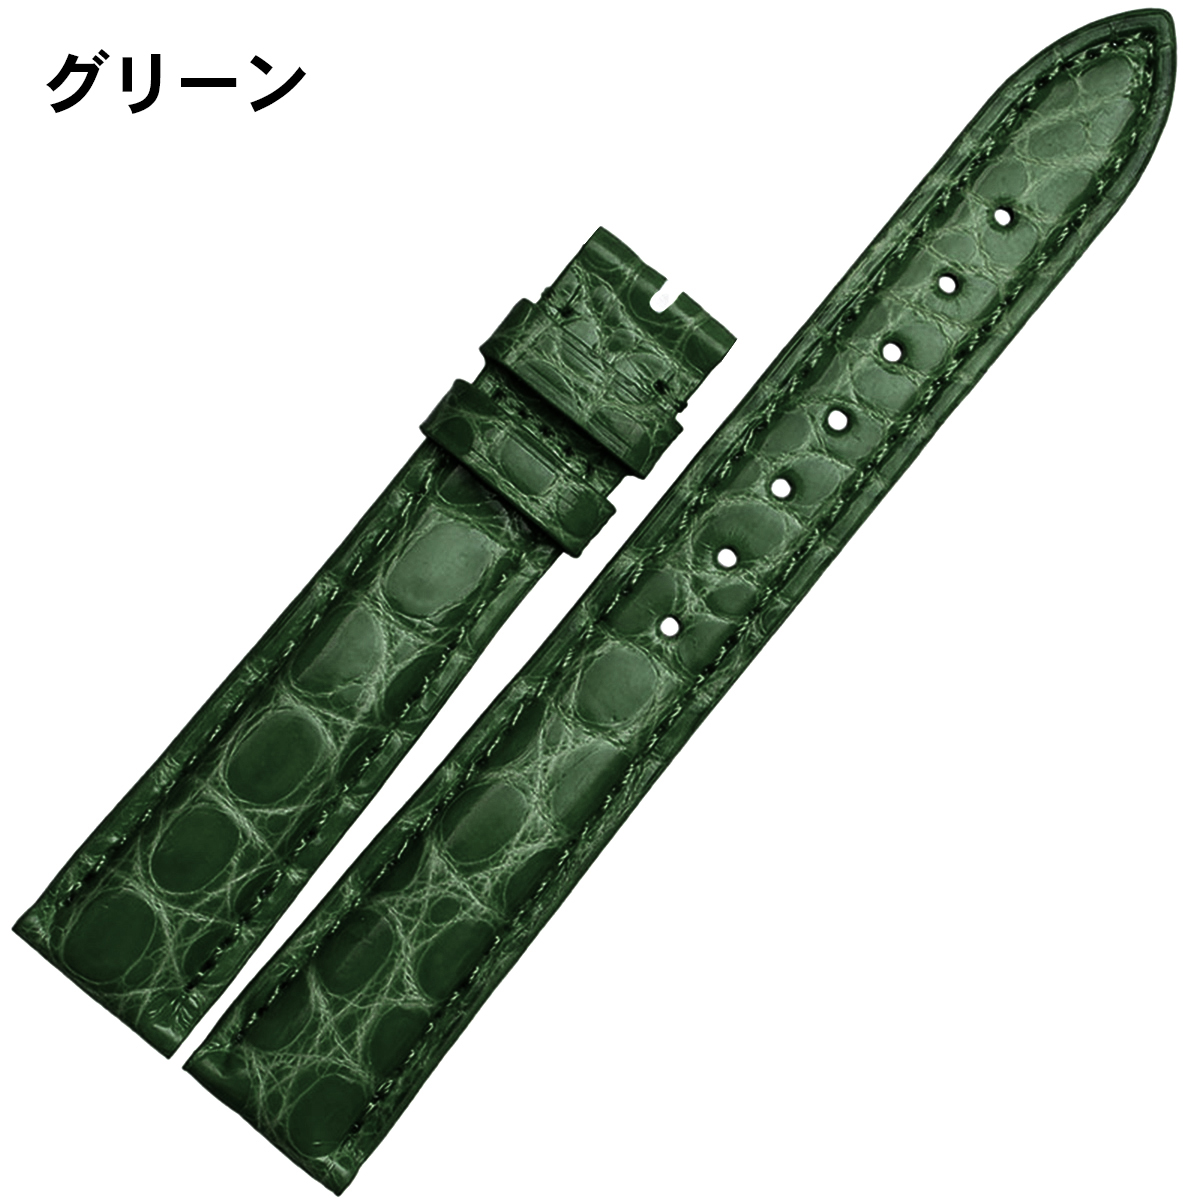 腕時計ベルト 腕時計バンド 替えストラップ 社外品 汎用レザーベルト / ワニ革 取付幅14/16/18/19/20/21/22mm 適用: FRANCK MULLER フランク・ミュラー、ROLEX ロレックス、OMEGA オメガ (尾錠)バックルなし [ Eight - ECLB039 ]